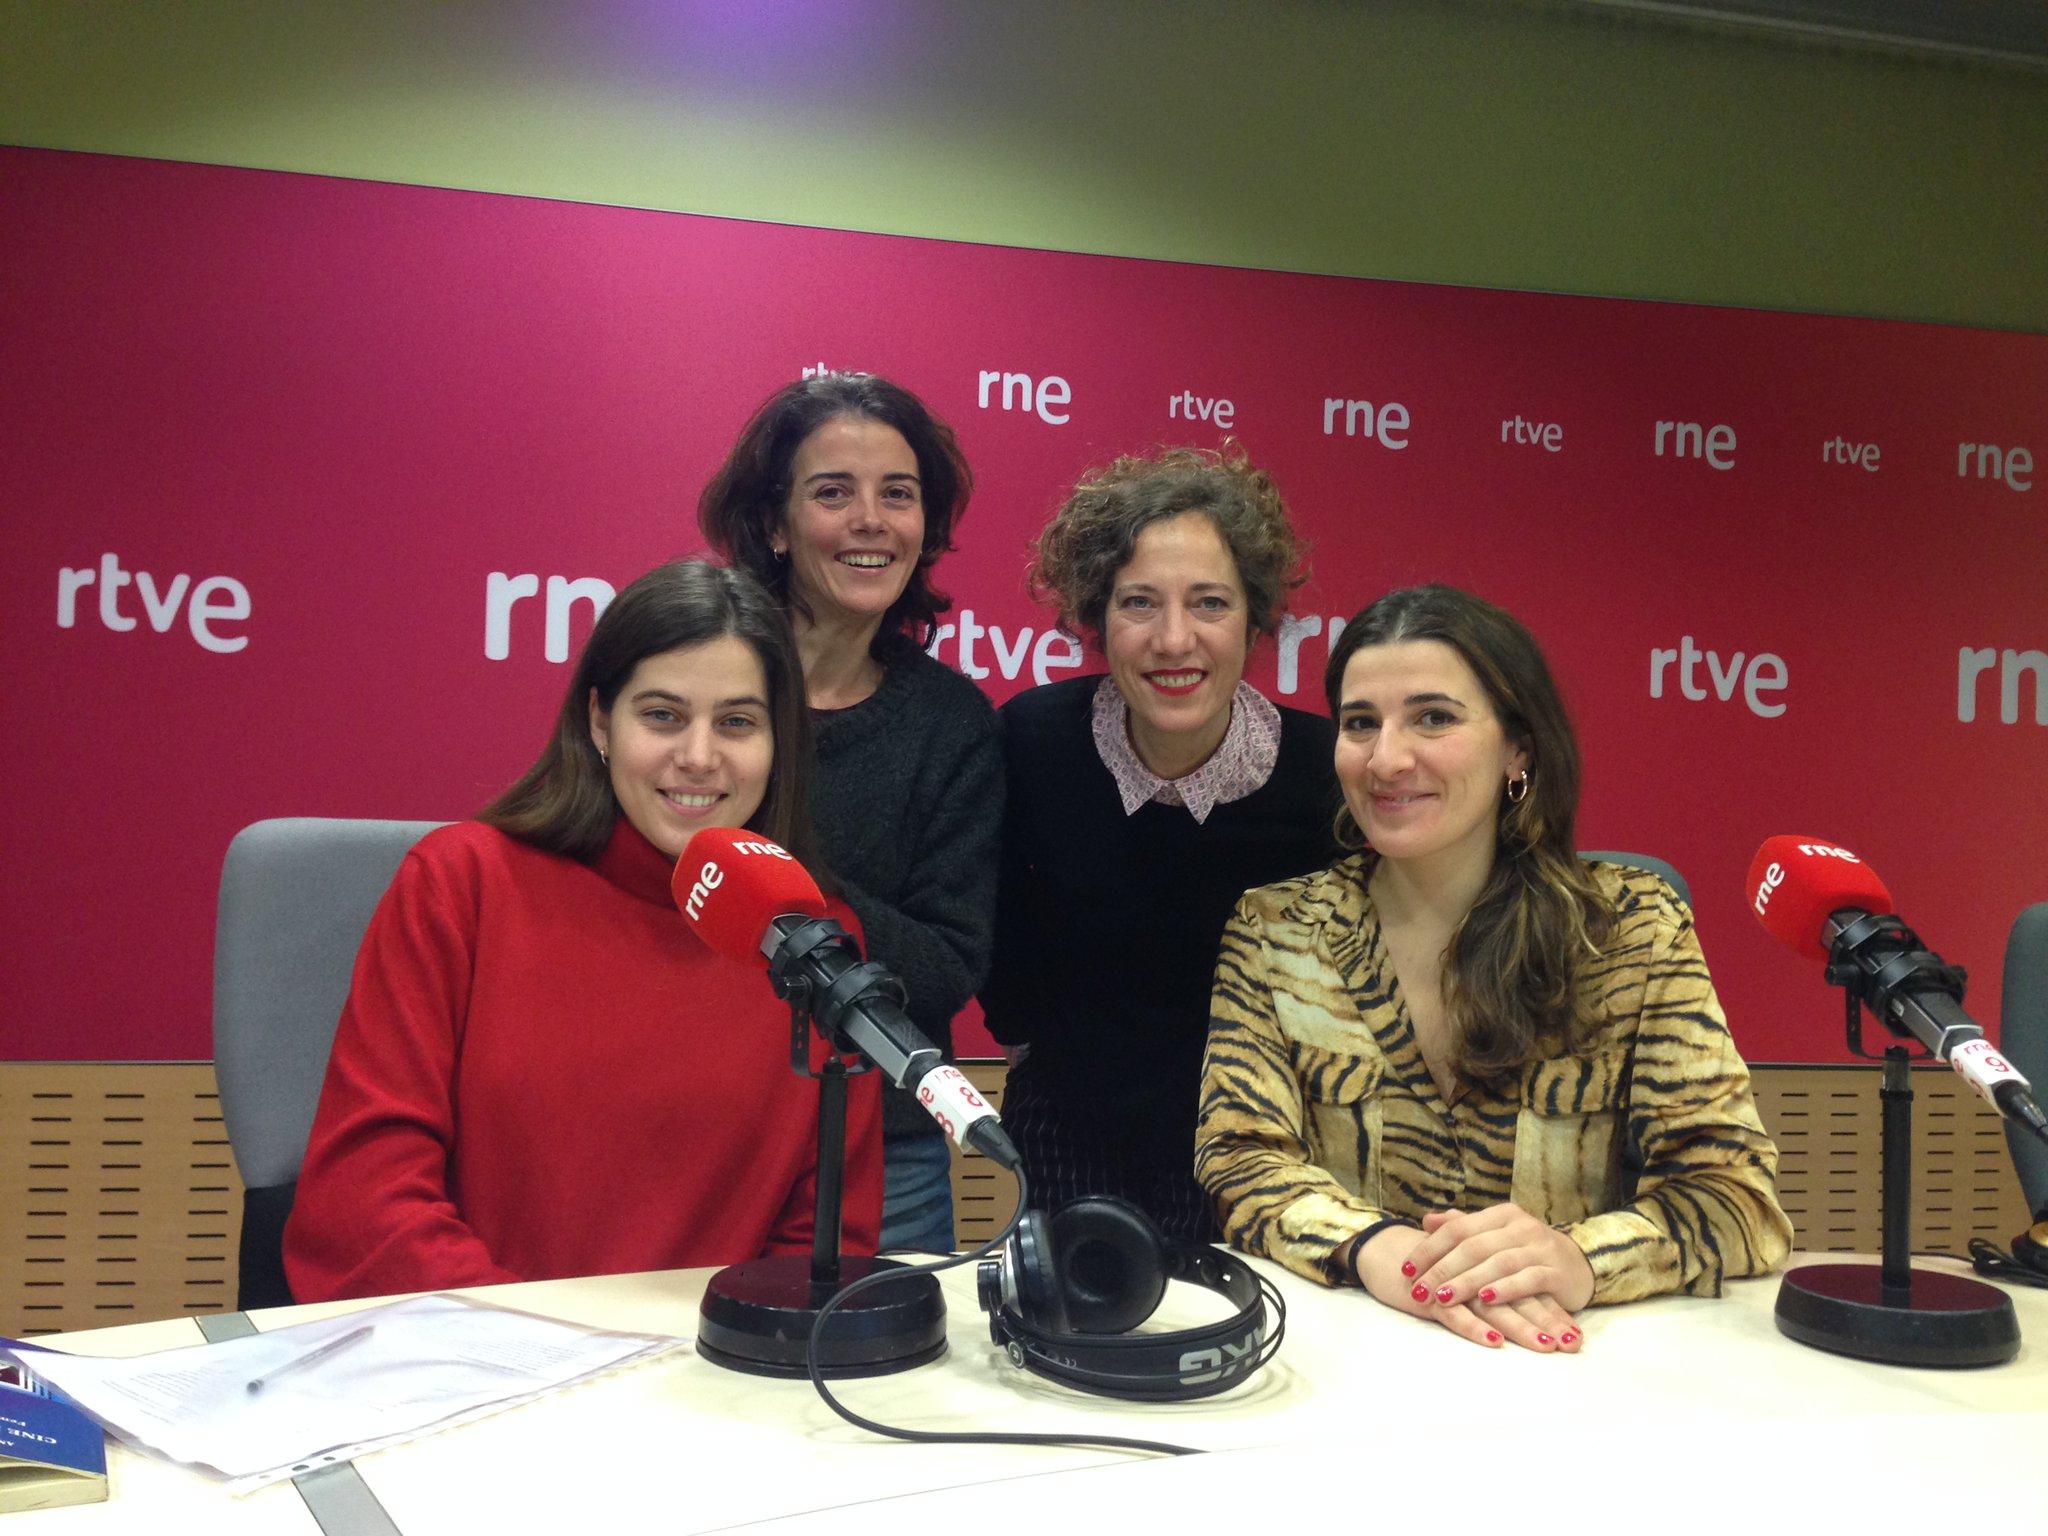 La Mostra Interacional Films Dones Barcelona a Feminismes RN4 04 Quan elles prenen la direcció